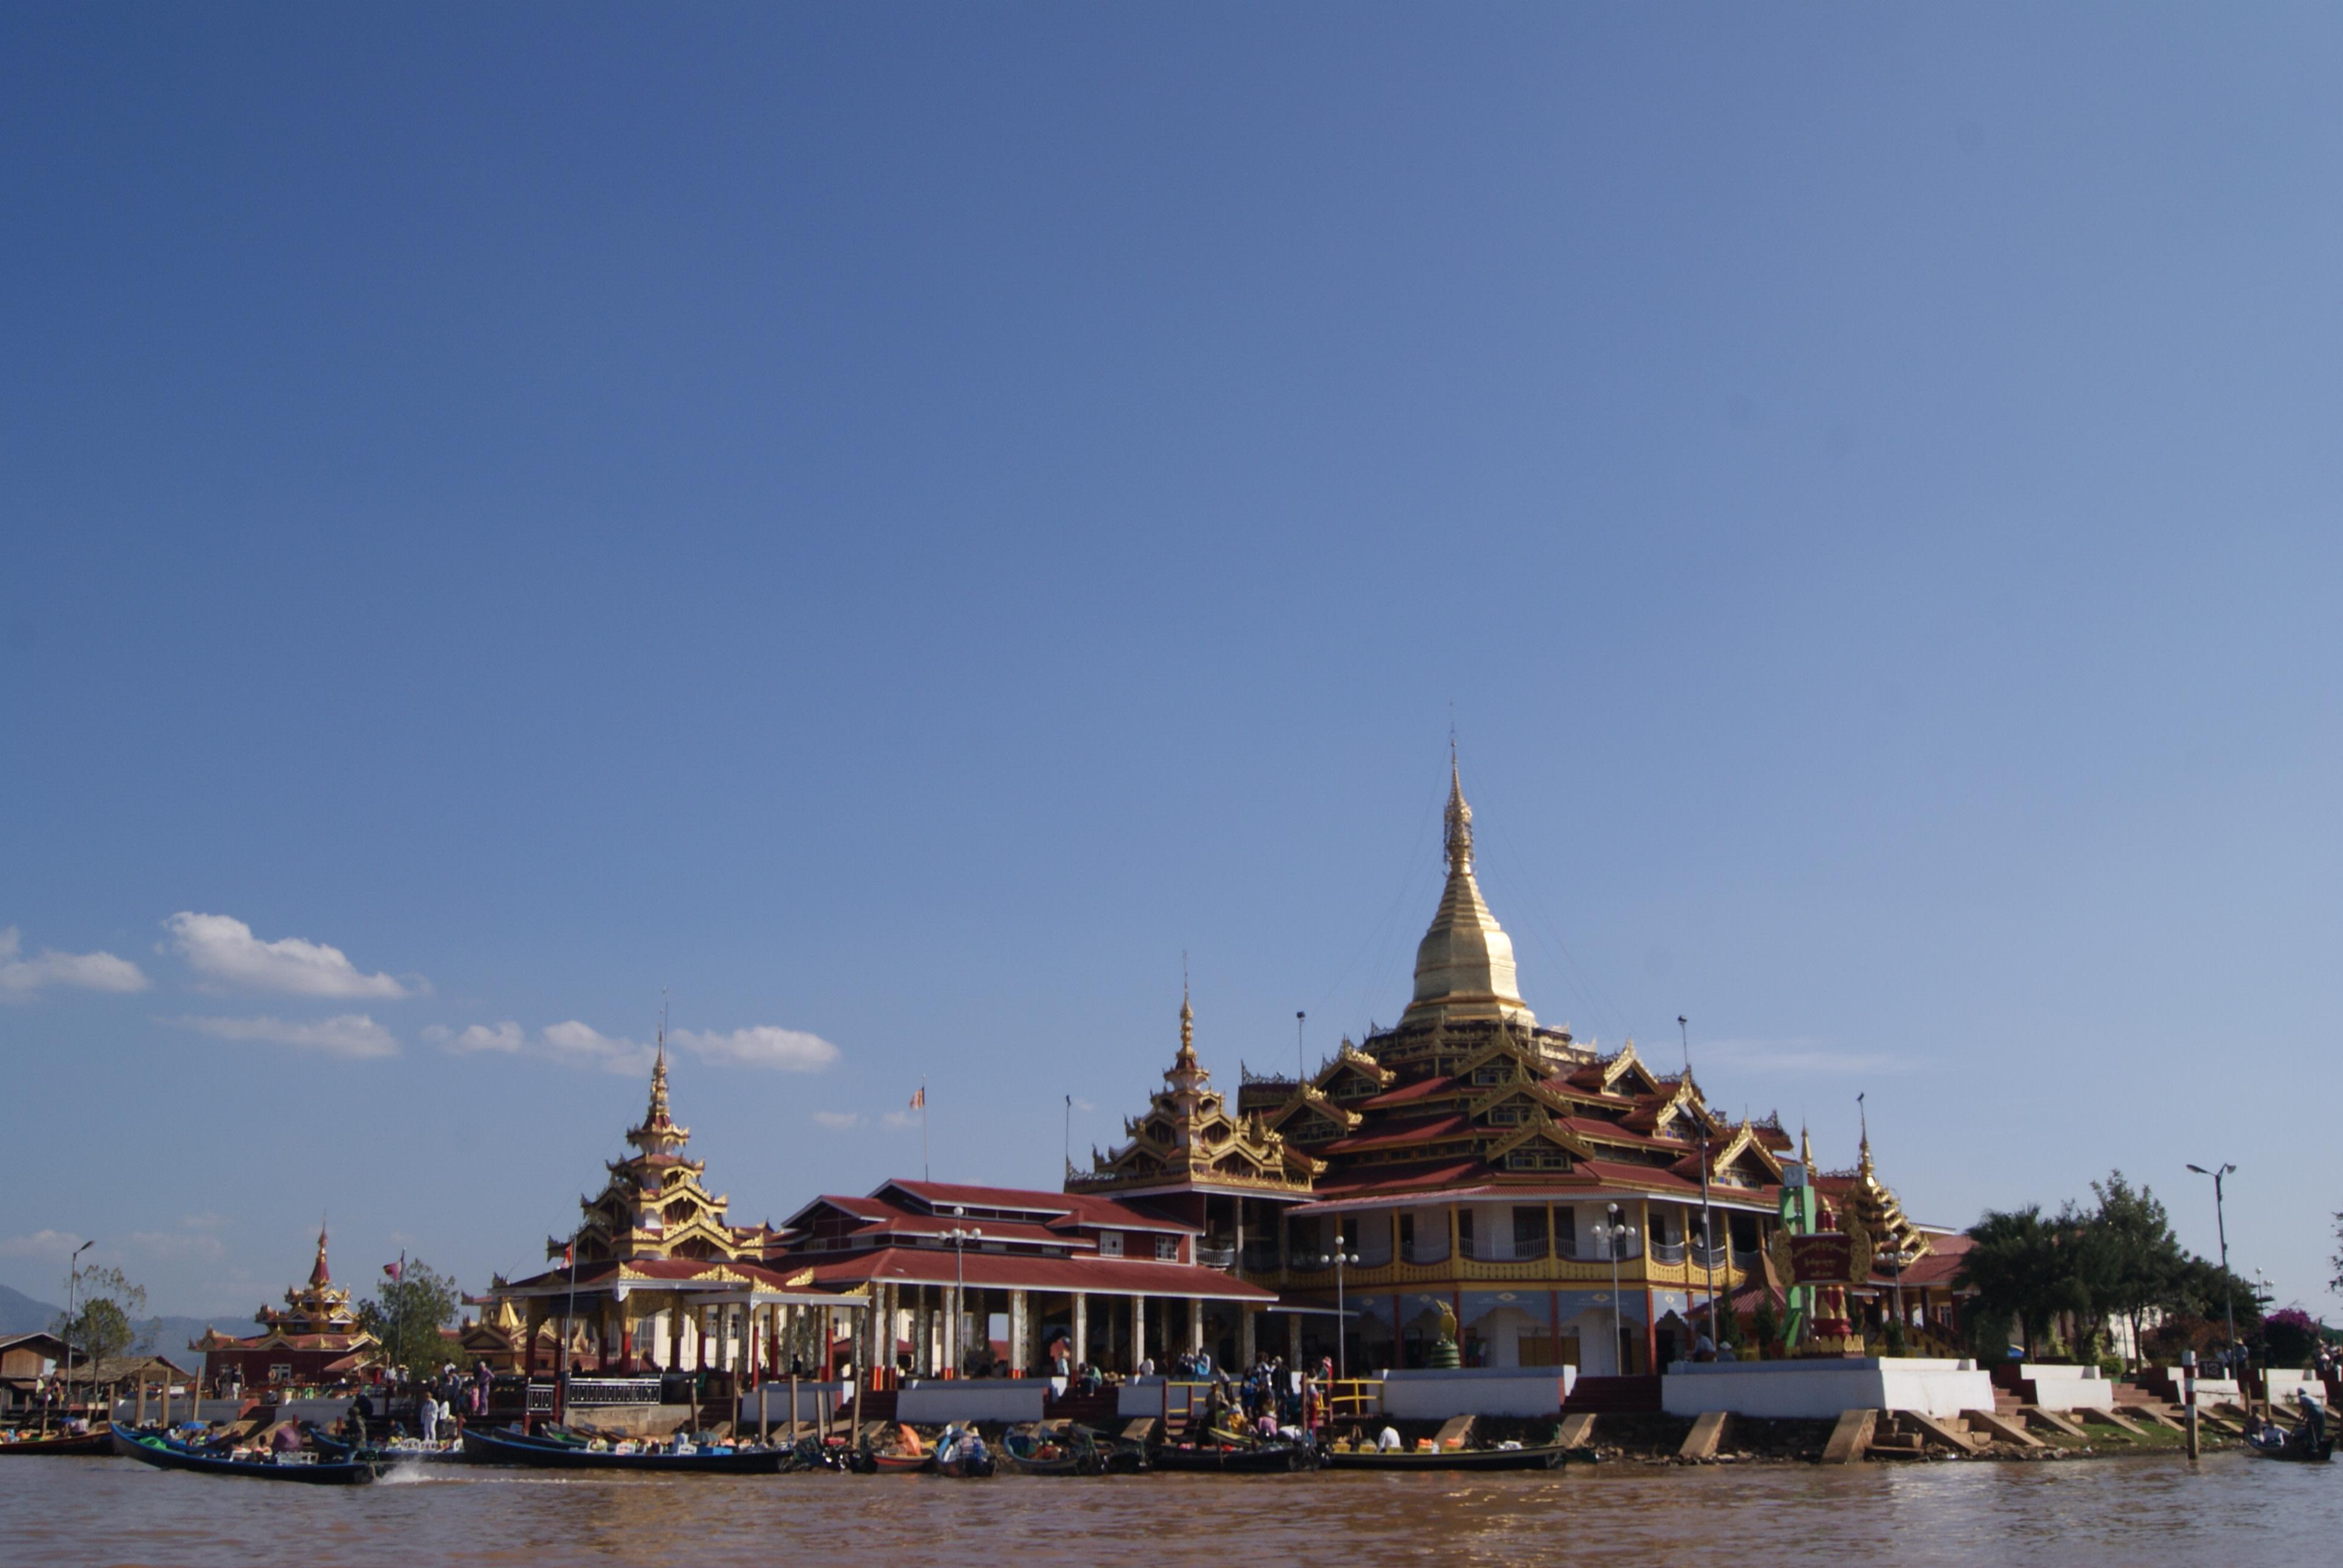 Phaung Daw Oo Pagoda, Myanmar